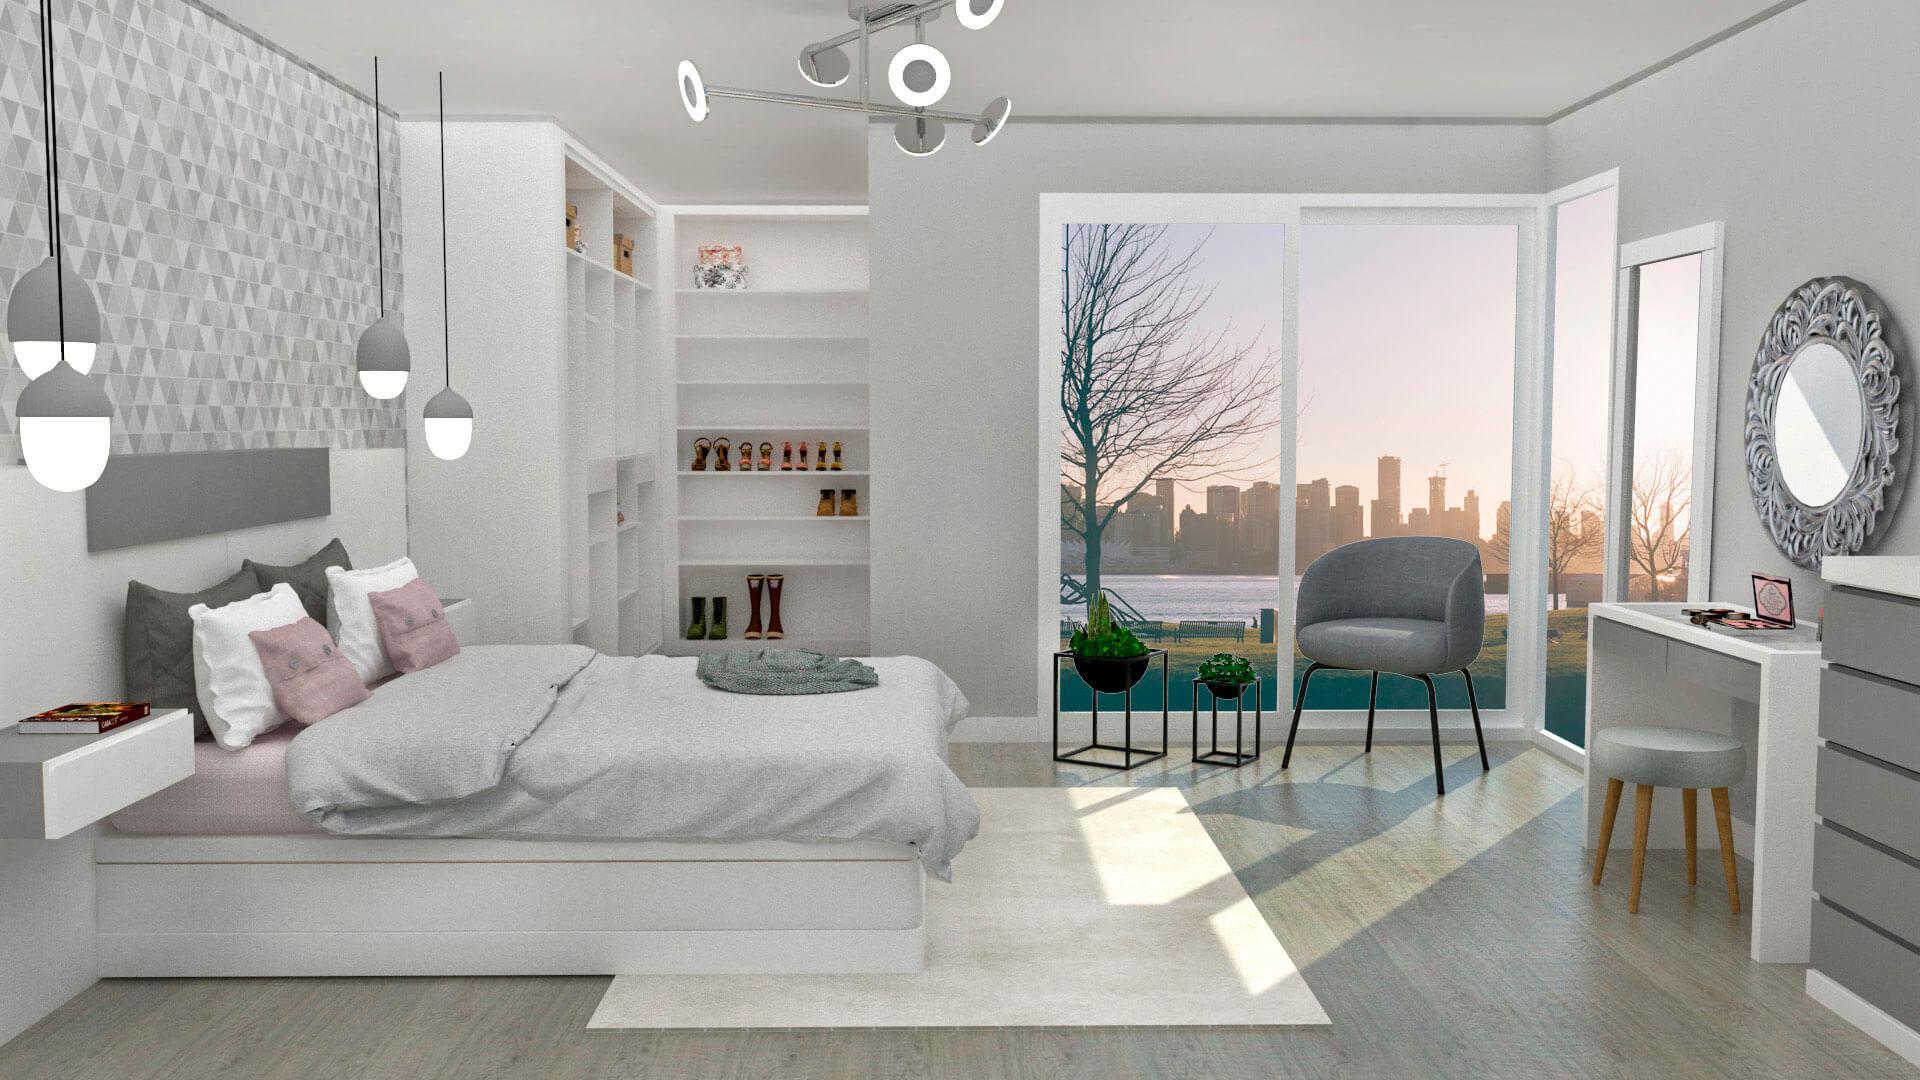 Diseño Dormitorio Muebles Tante 4